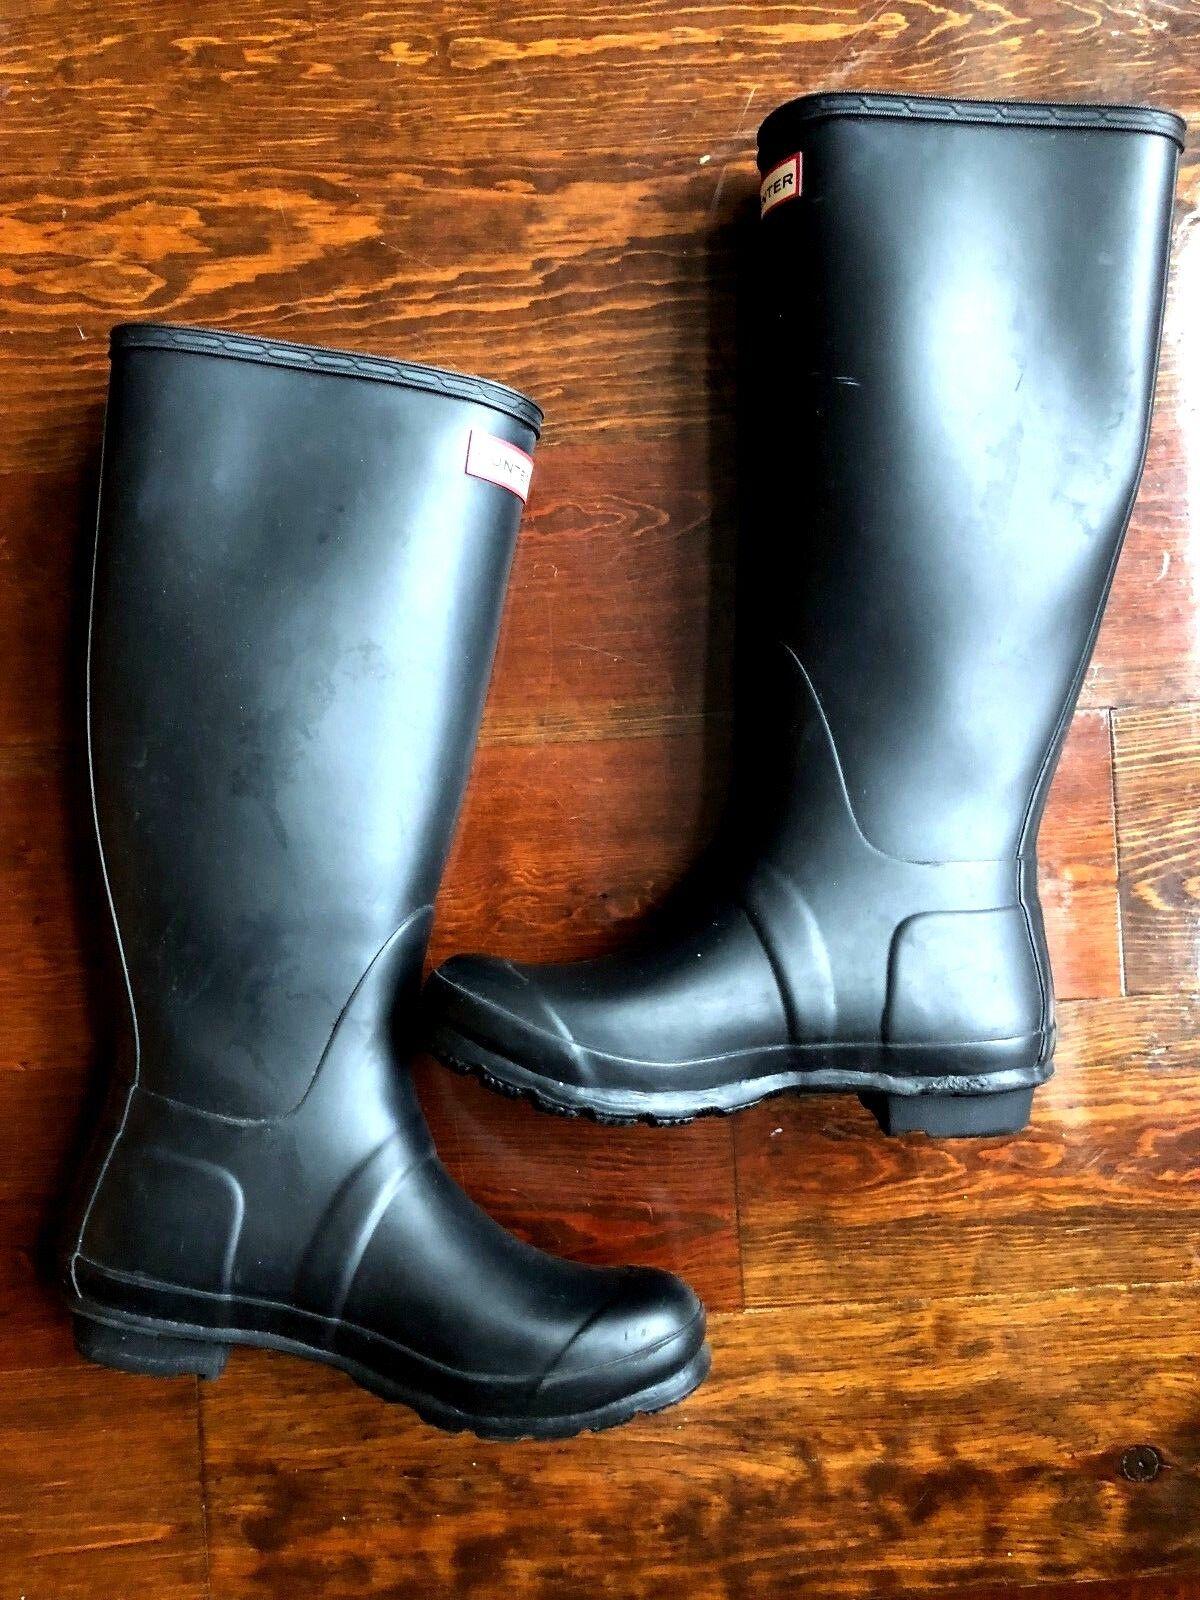 Hunter Original Original Original Tall Rainbota, Para Mujer, Negro, 6US 38EU  punto de venta